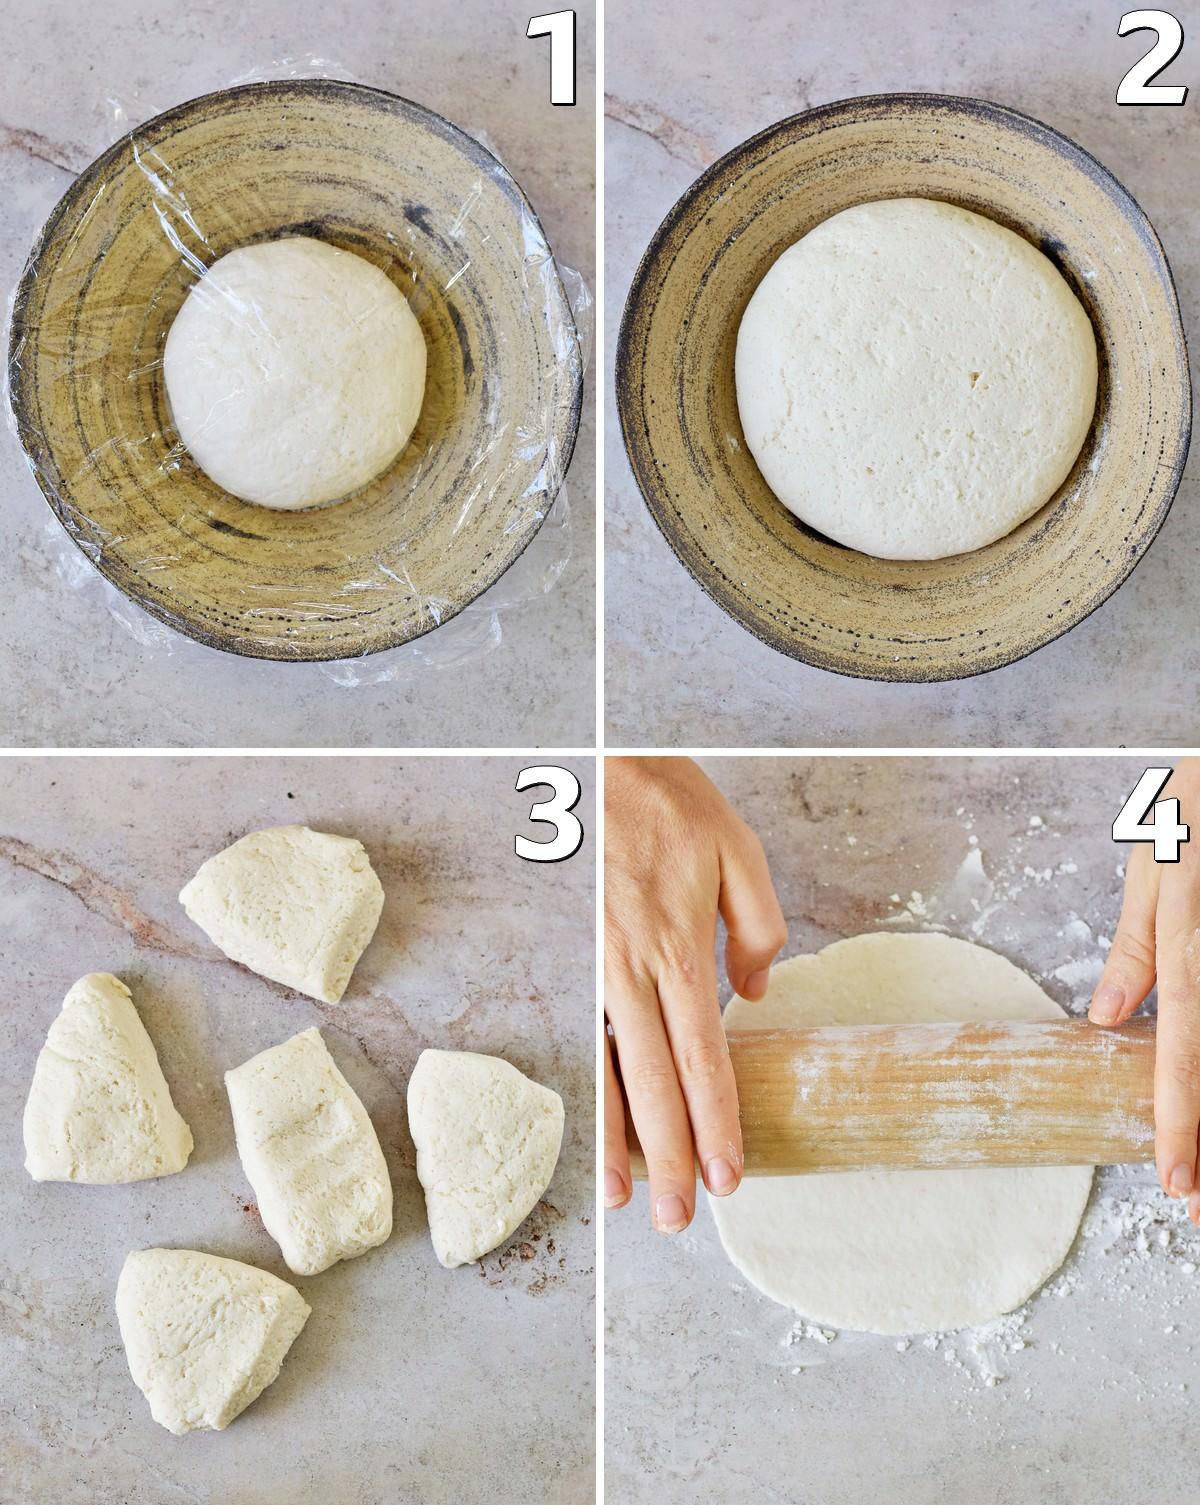 4 Schrittfotos von der Herstellung von Pita Brot